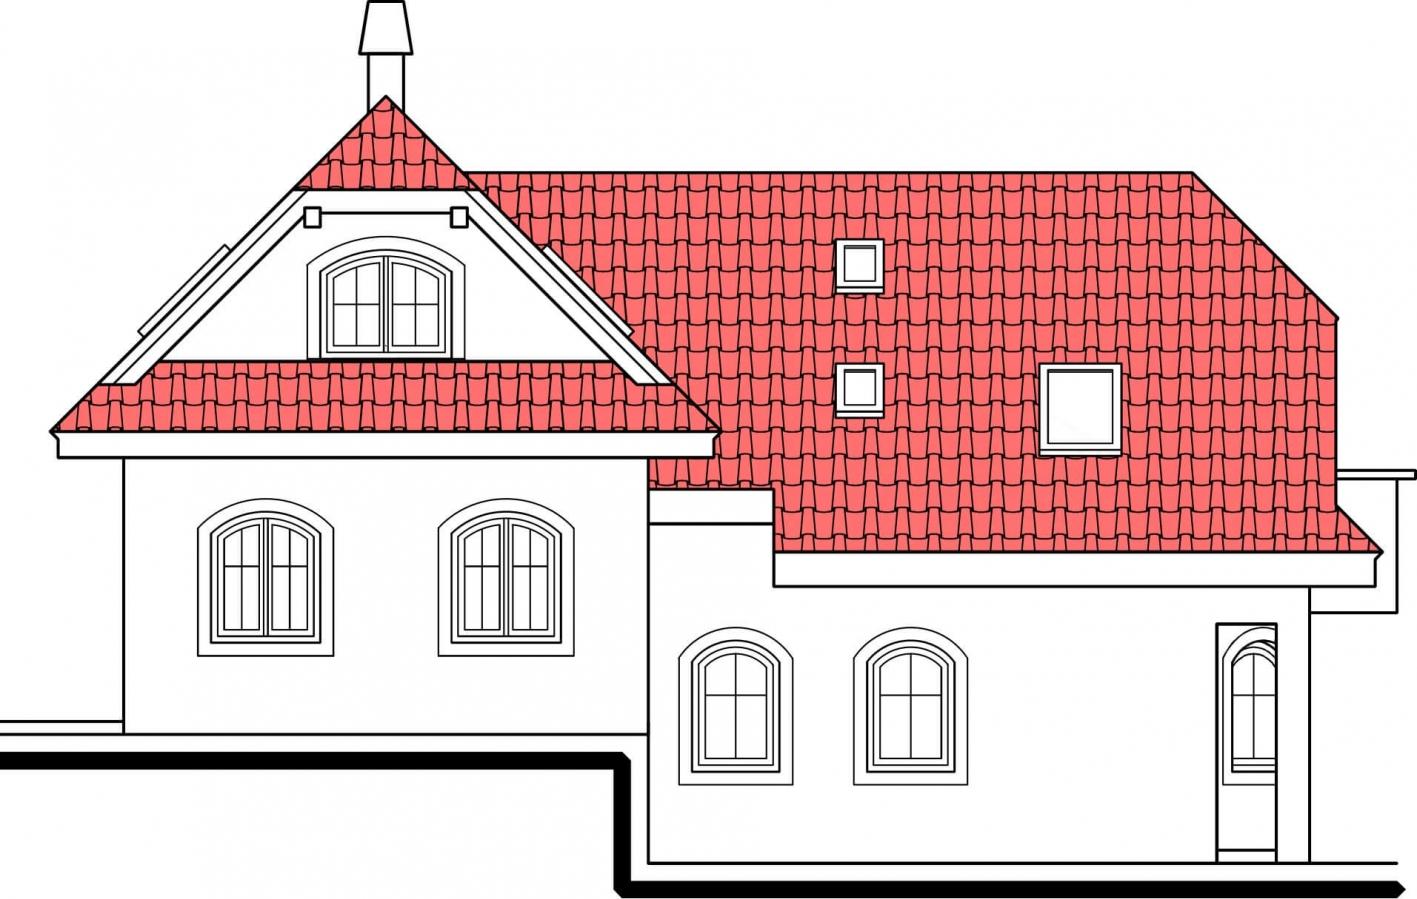 Pohľad 2. - Výškovo posunuté trakty rodinného domu s izbou na prízemí.